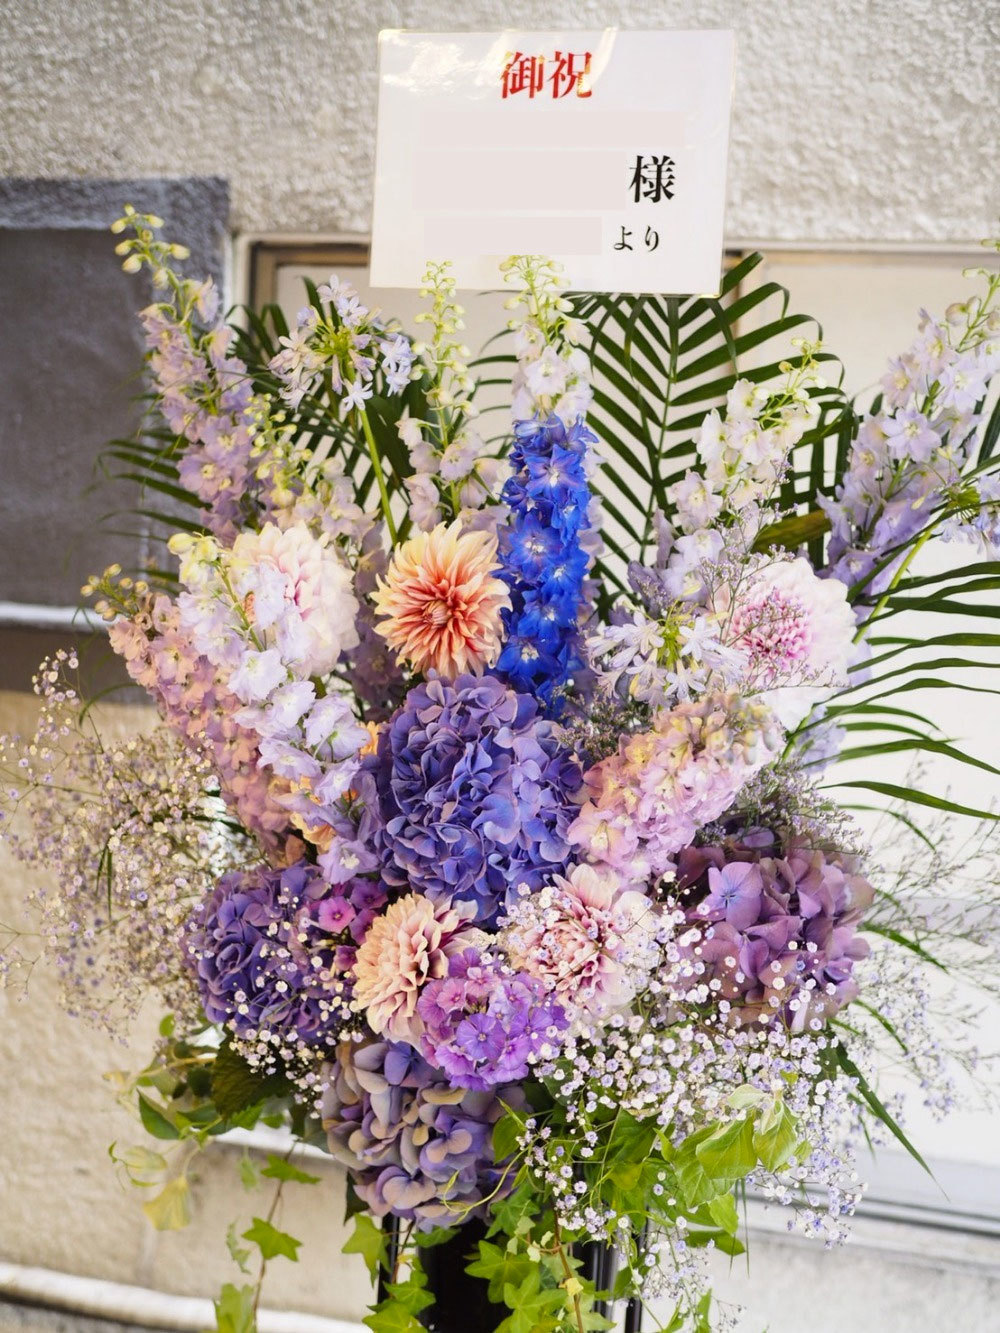 バーの開店祝いに贈られたスタンド花